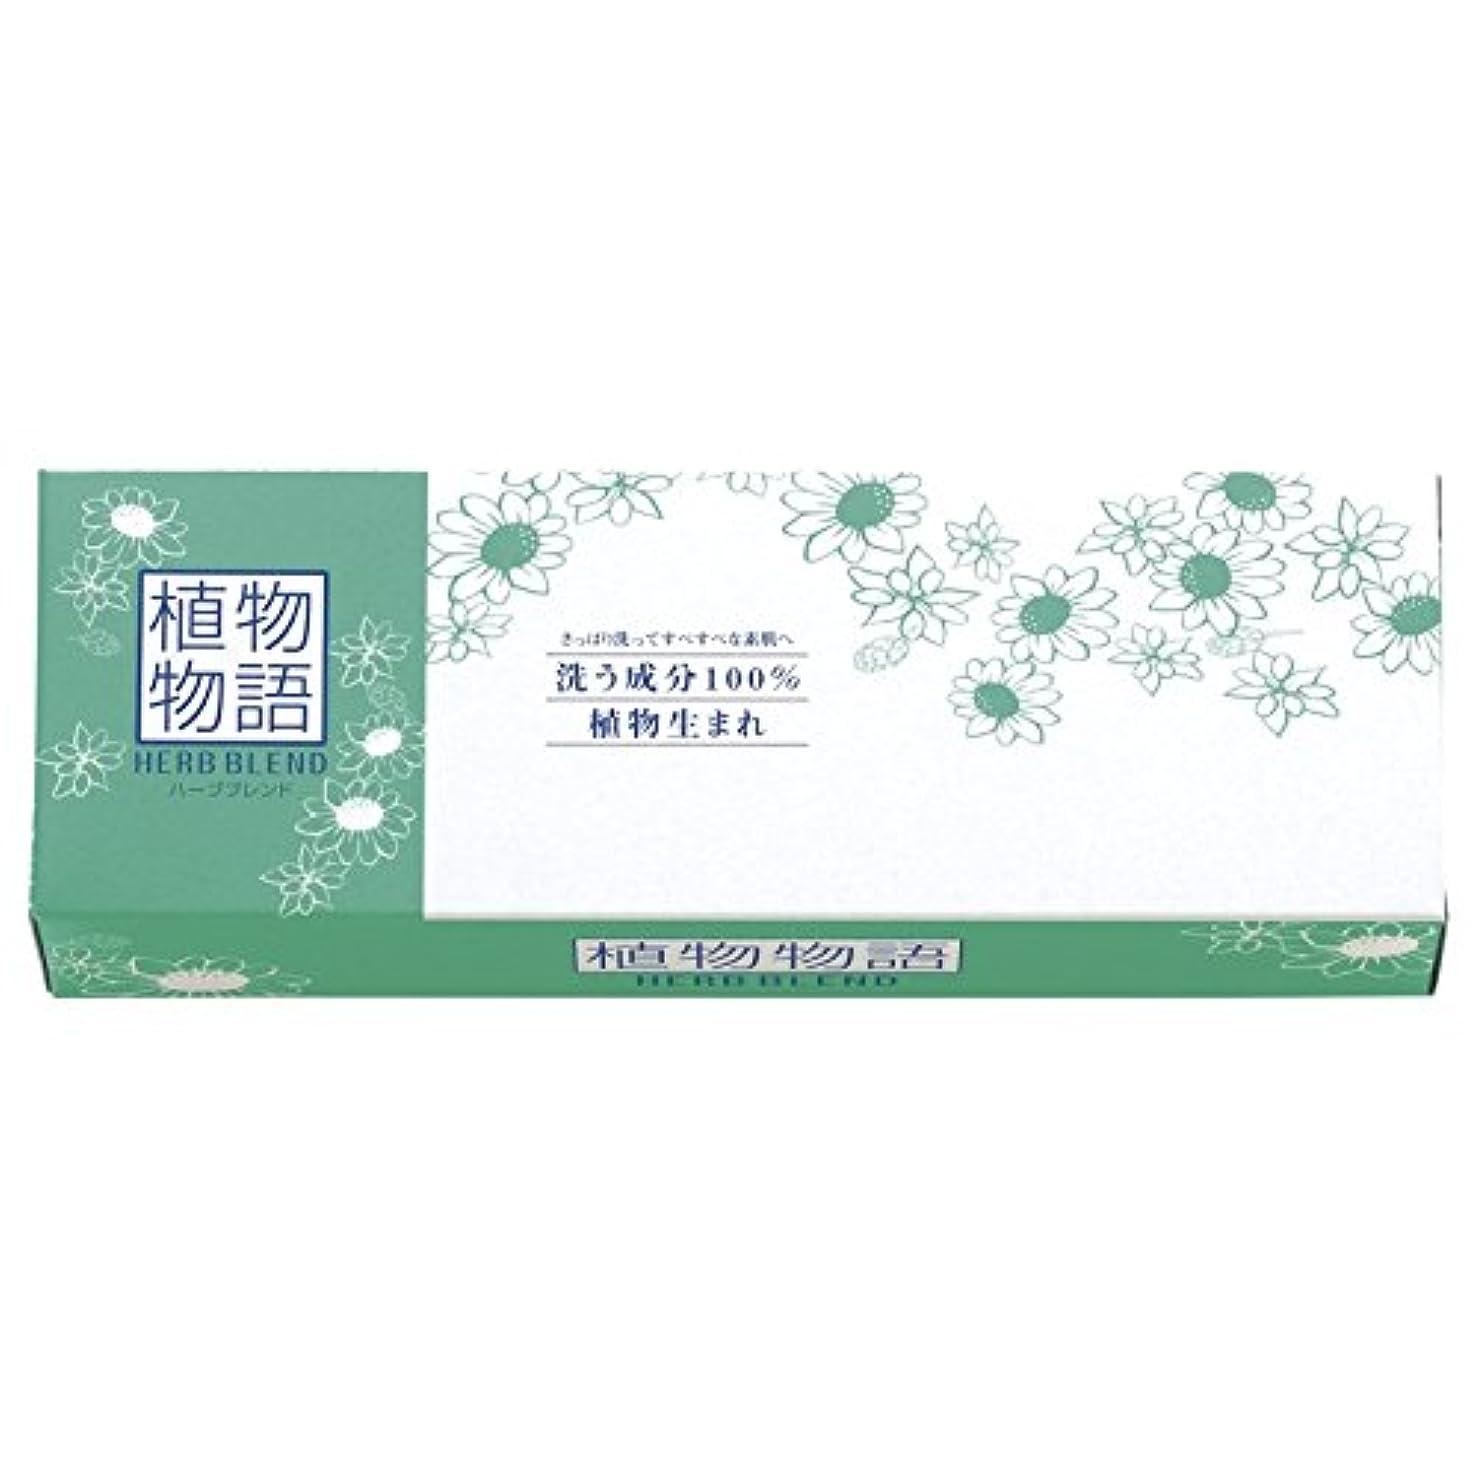 確執爪解体するライオン 植物物語ハーブブレンド化粧石鹸2個箱 KST802 【粗品 天然素材 ハーブ 2個 固形石鹸 からだ用 ハーブ 優しい お風呂 こども やさしい 石けん せっけん】